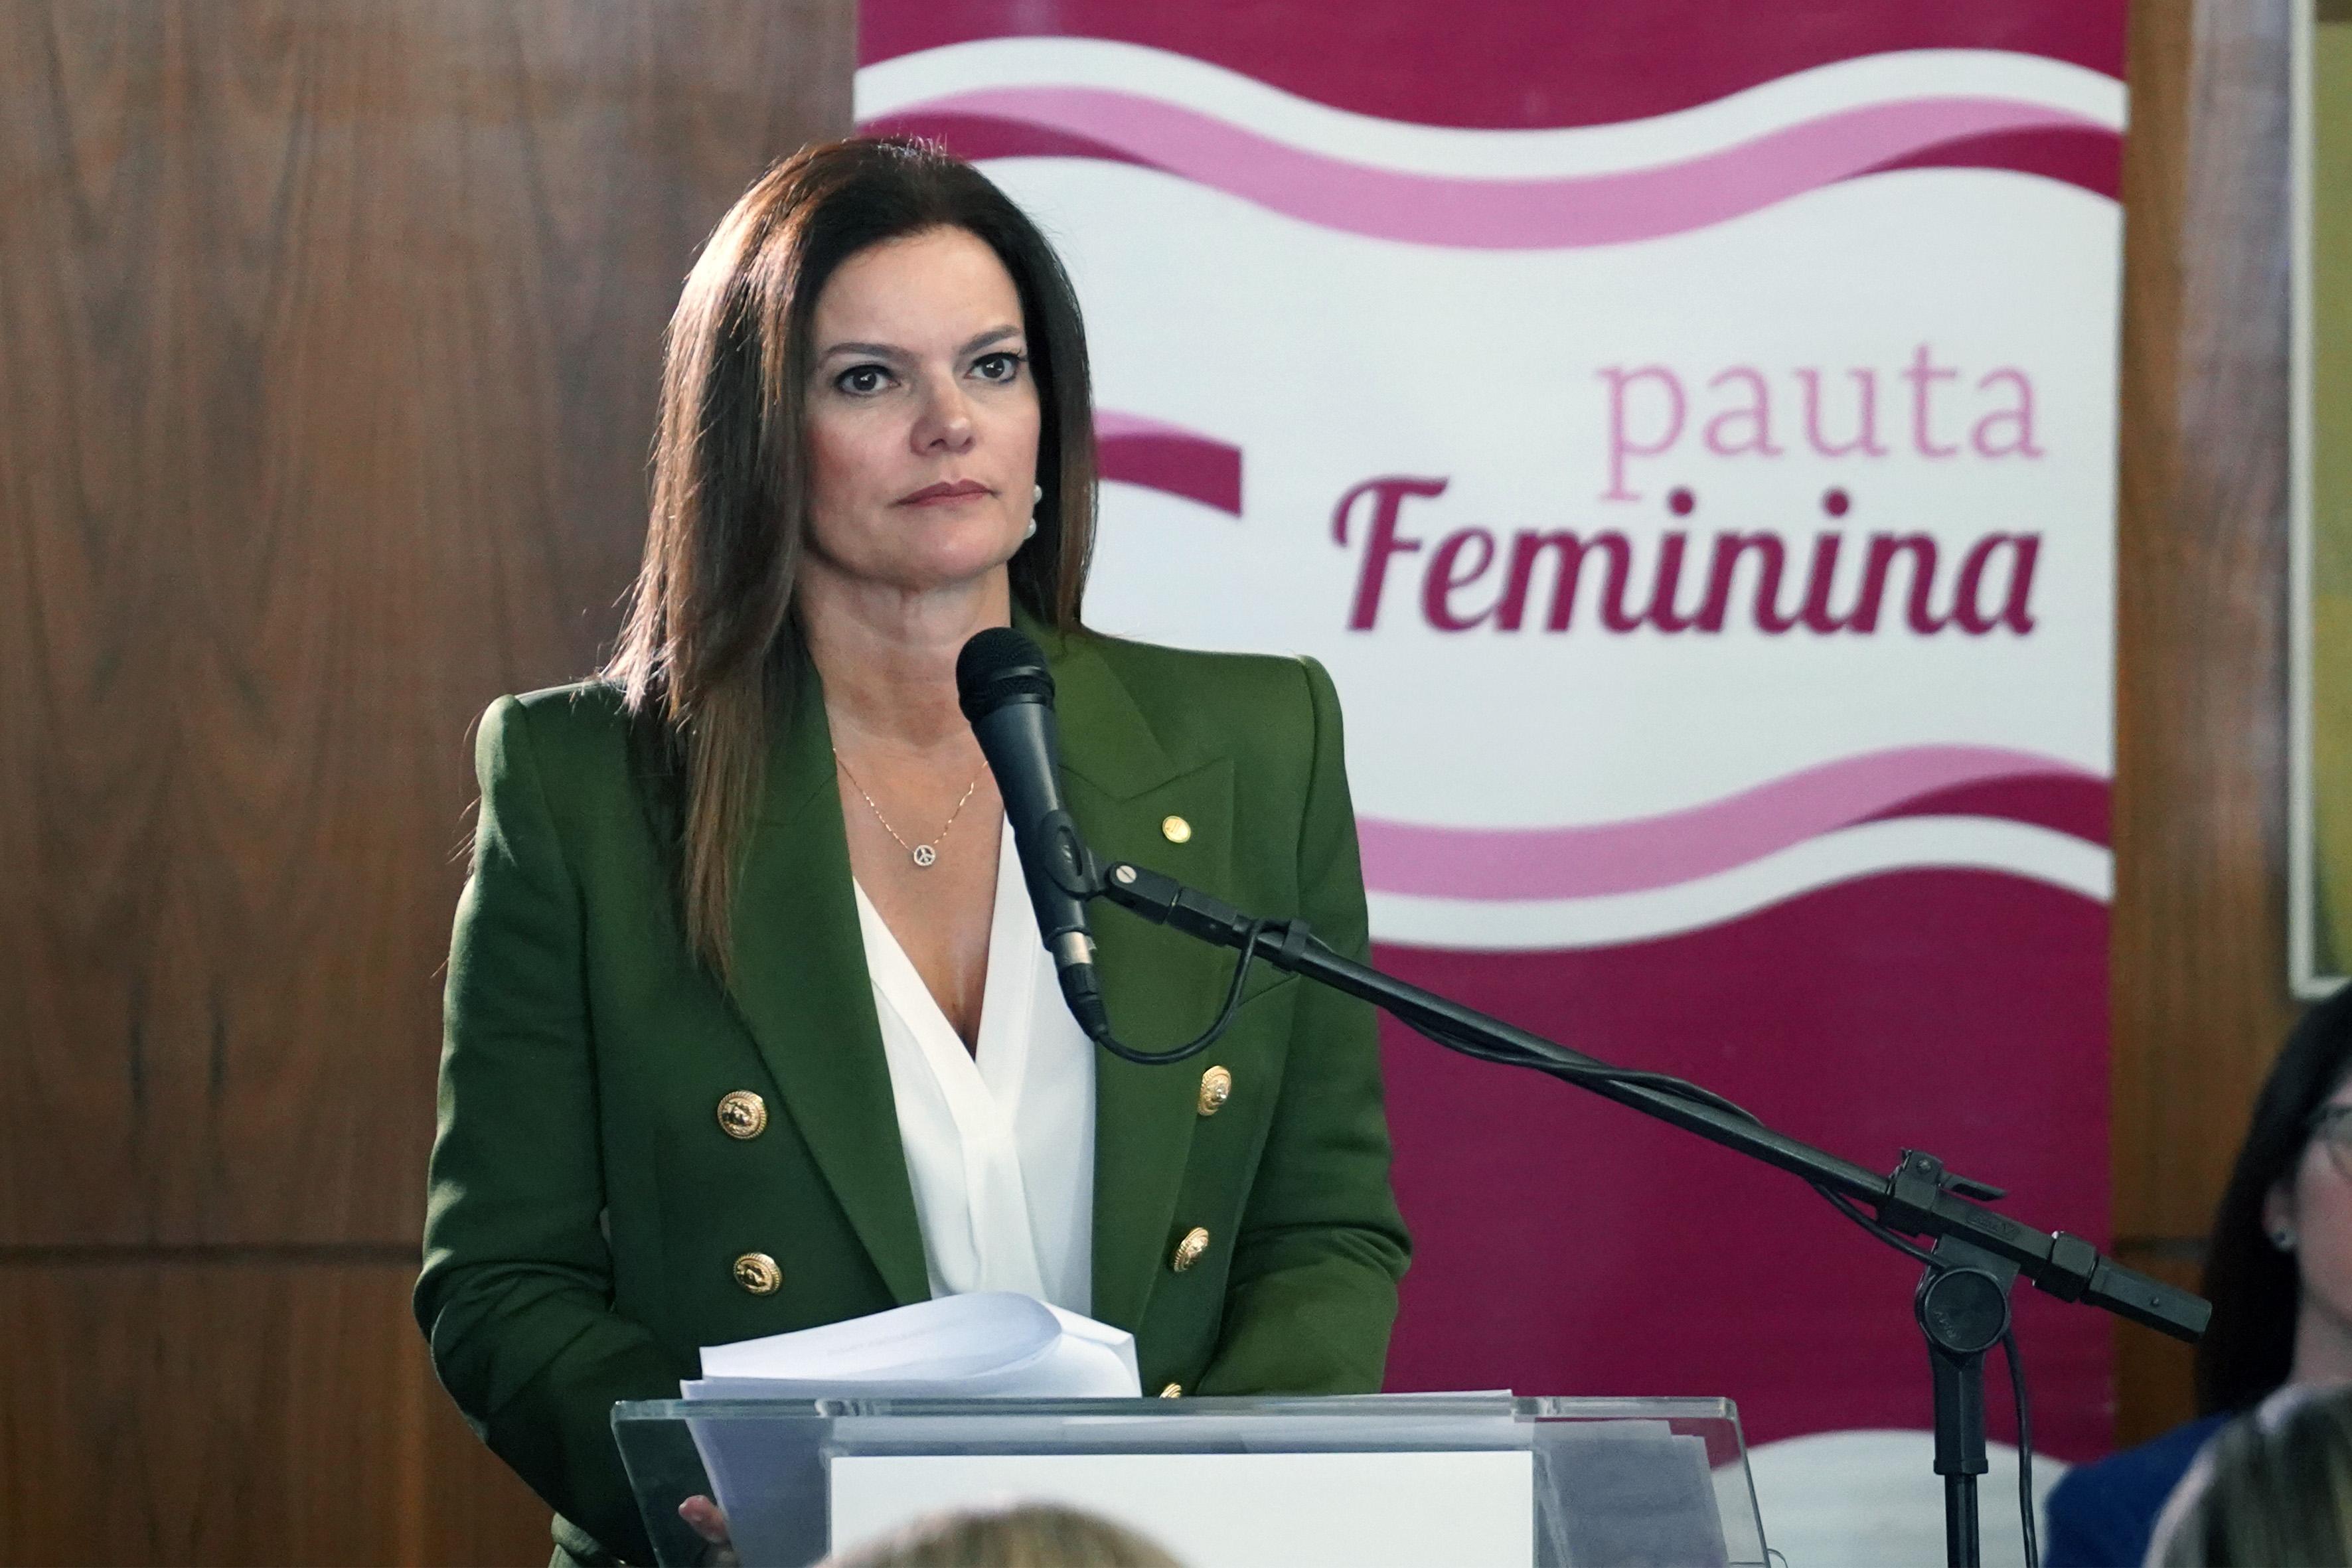 """Pauta Feminina """"Mais Mulheres na Política"""". Dep. Iracema Portela (PP - PI)"""